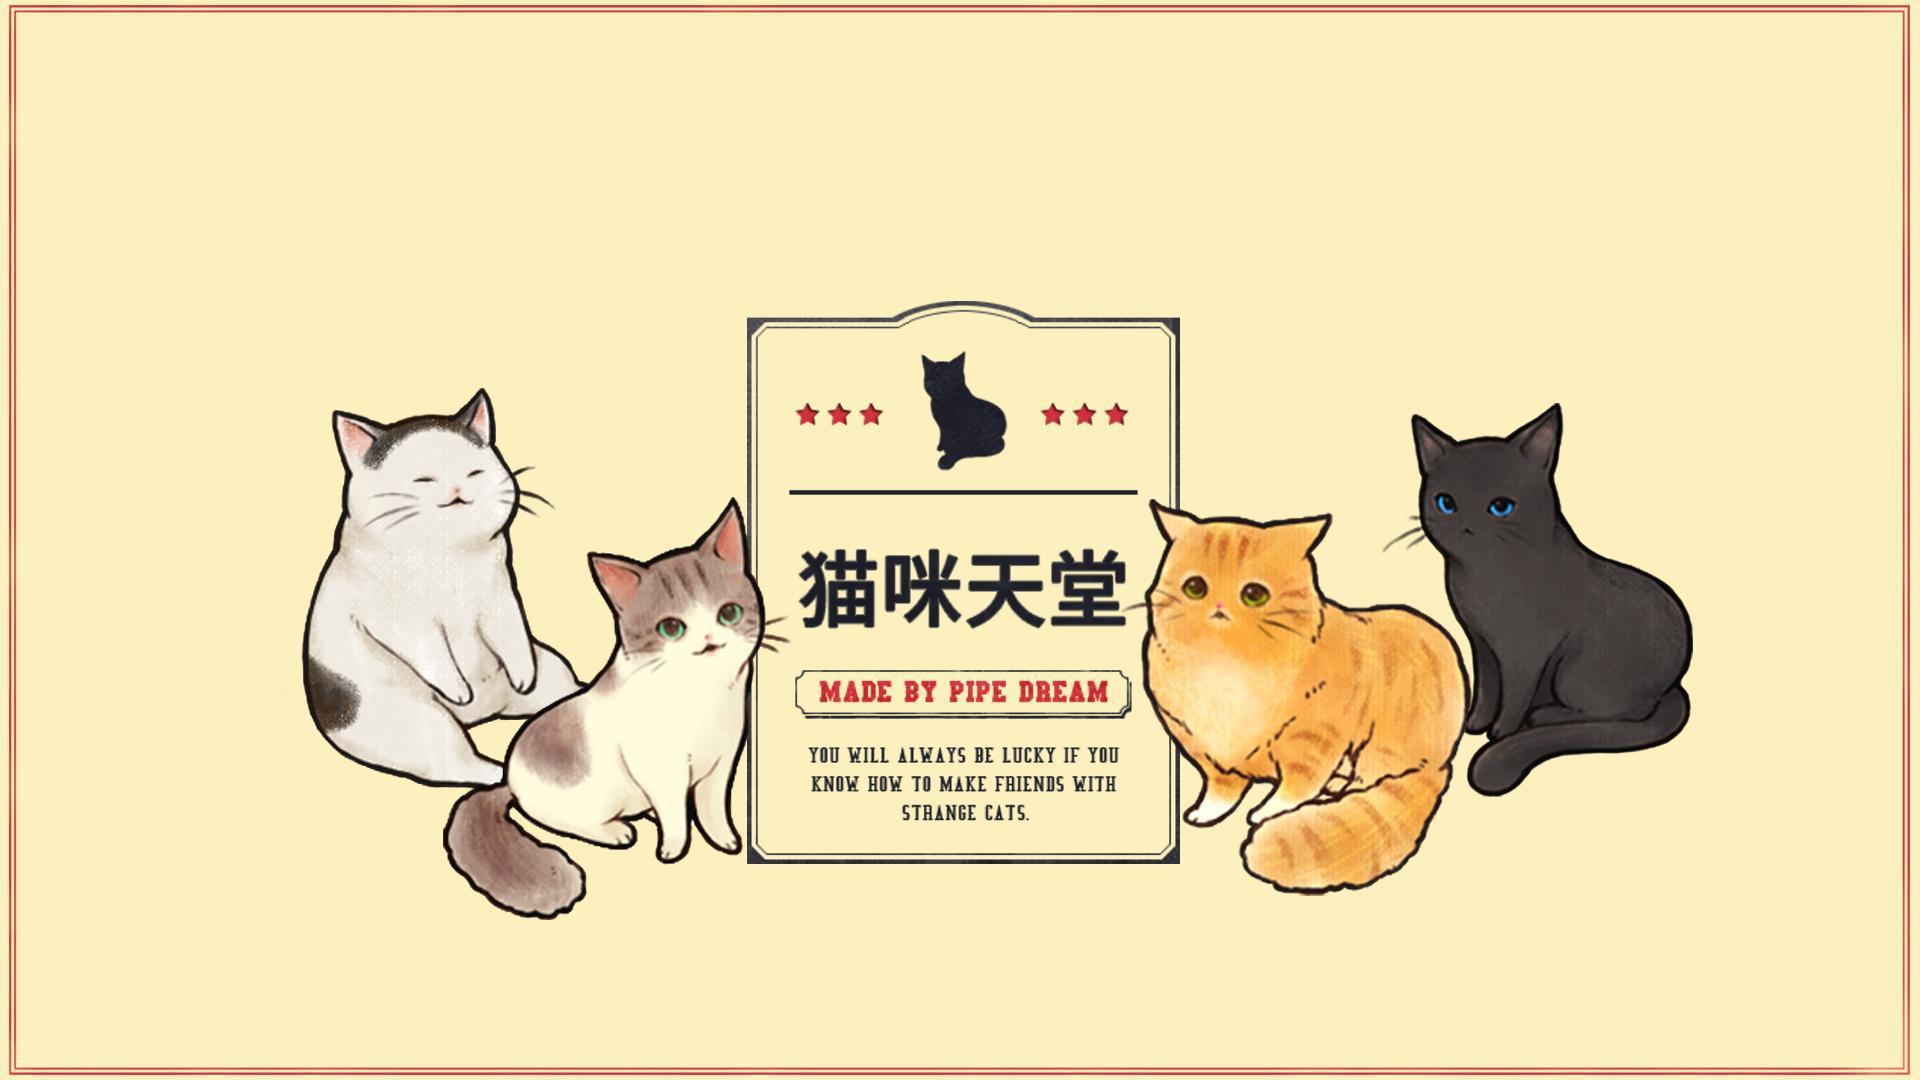 猫咪天堂玩起来一卡一卡的